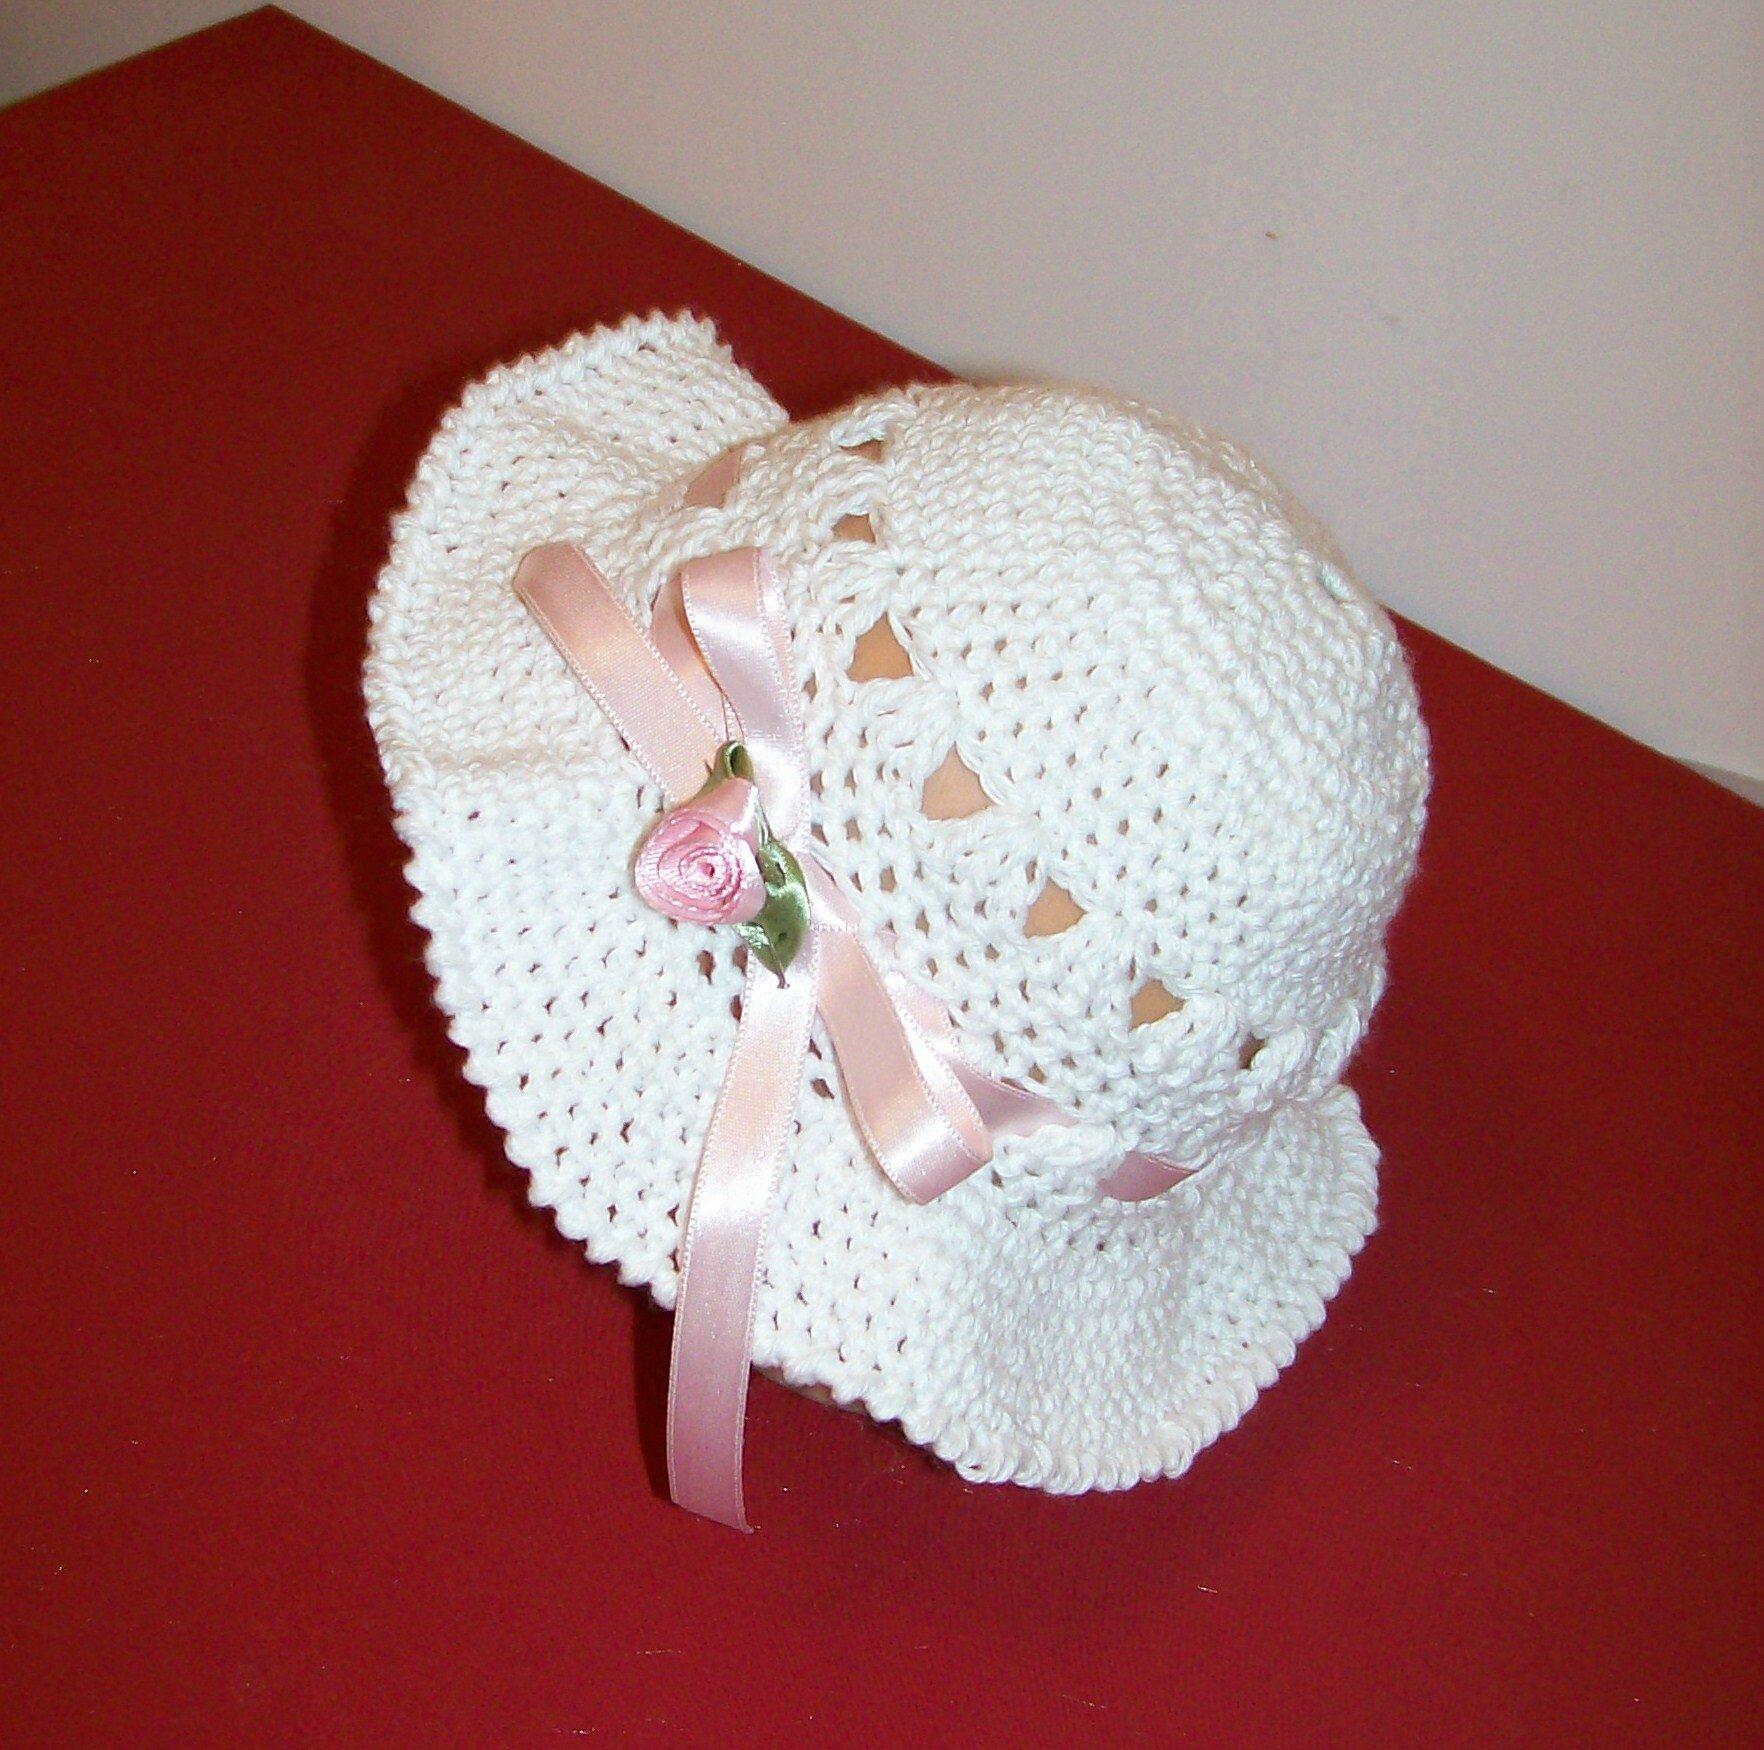 fbd1b670914 voici les nouveaux chapeaux !!!! fait main au crochet en coton ...